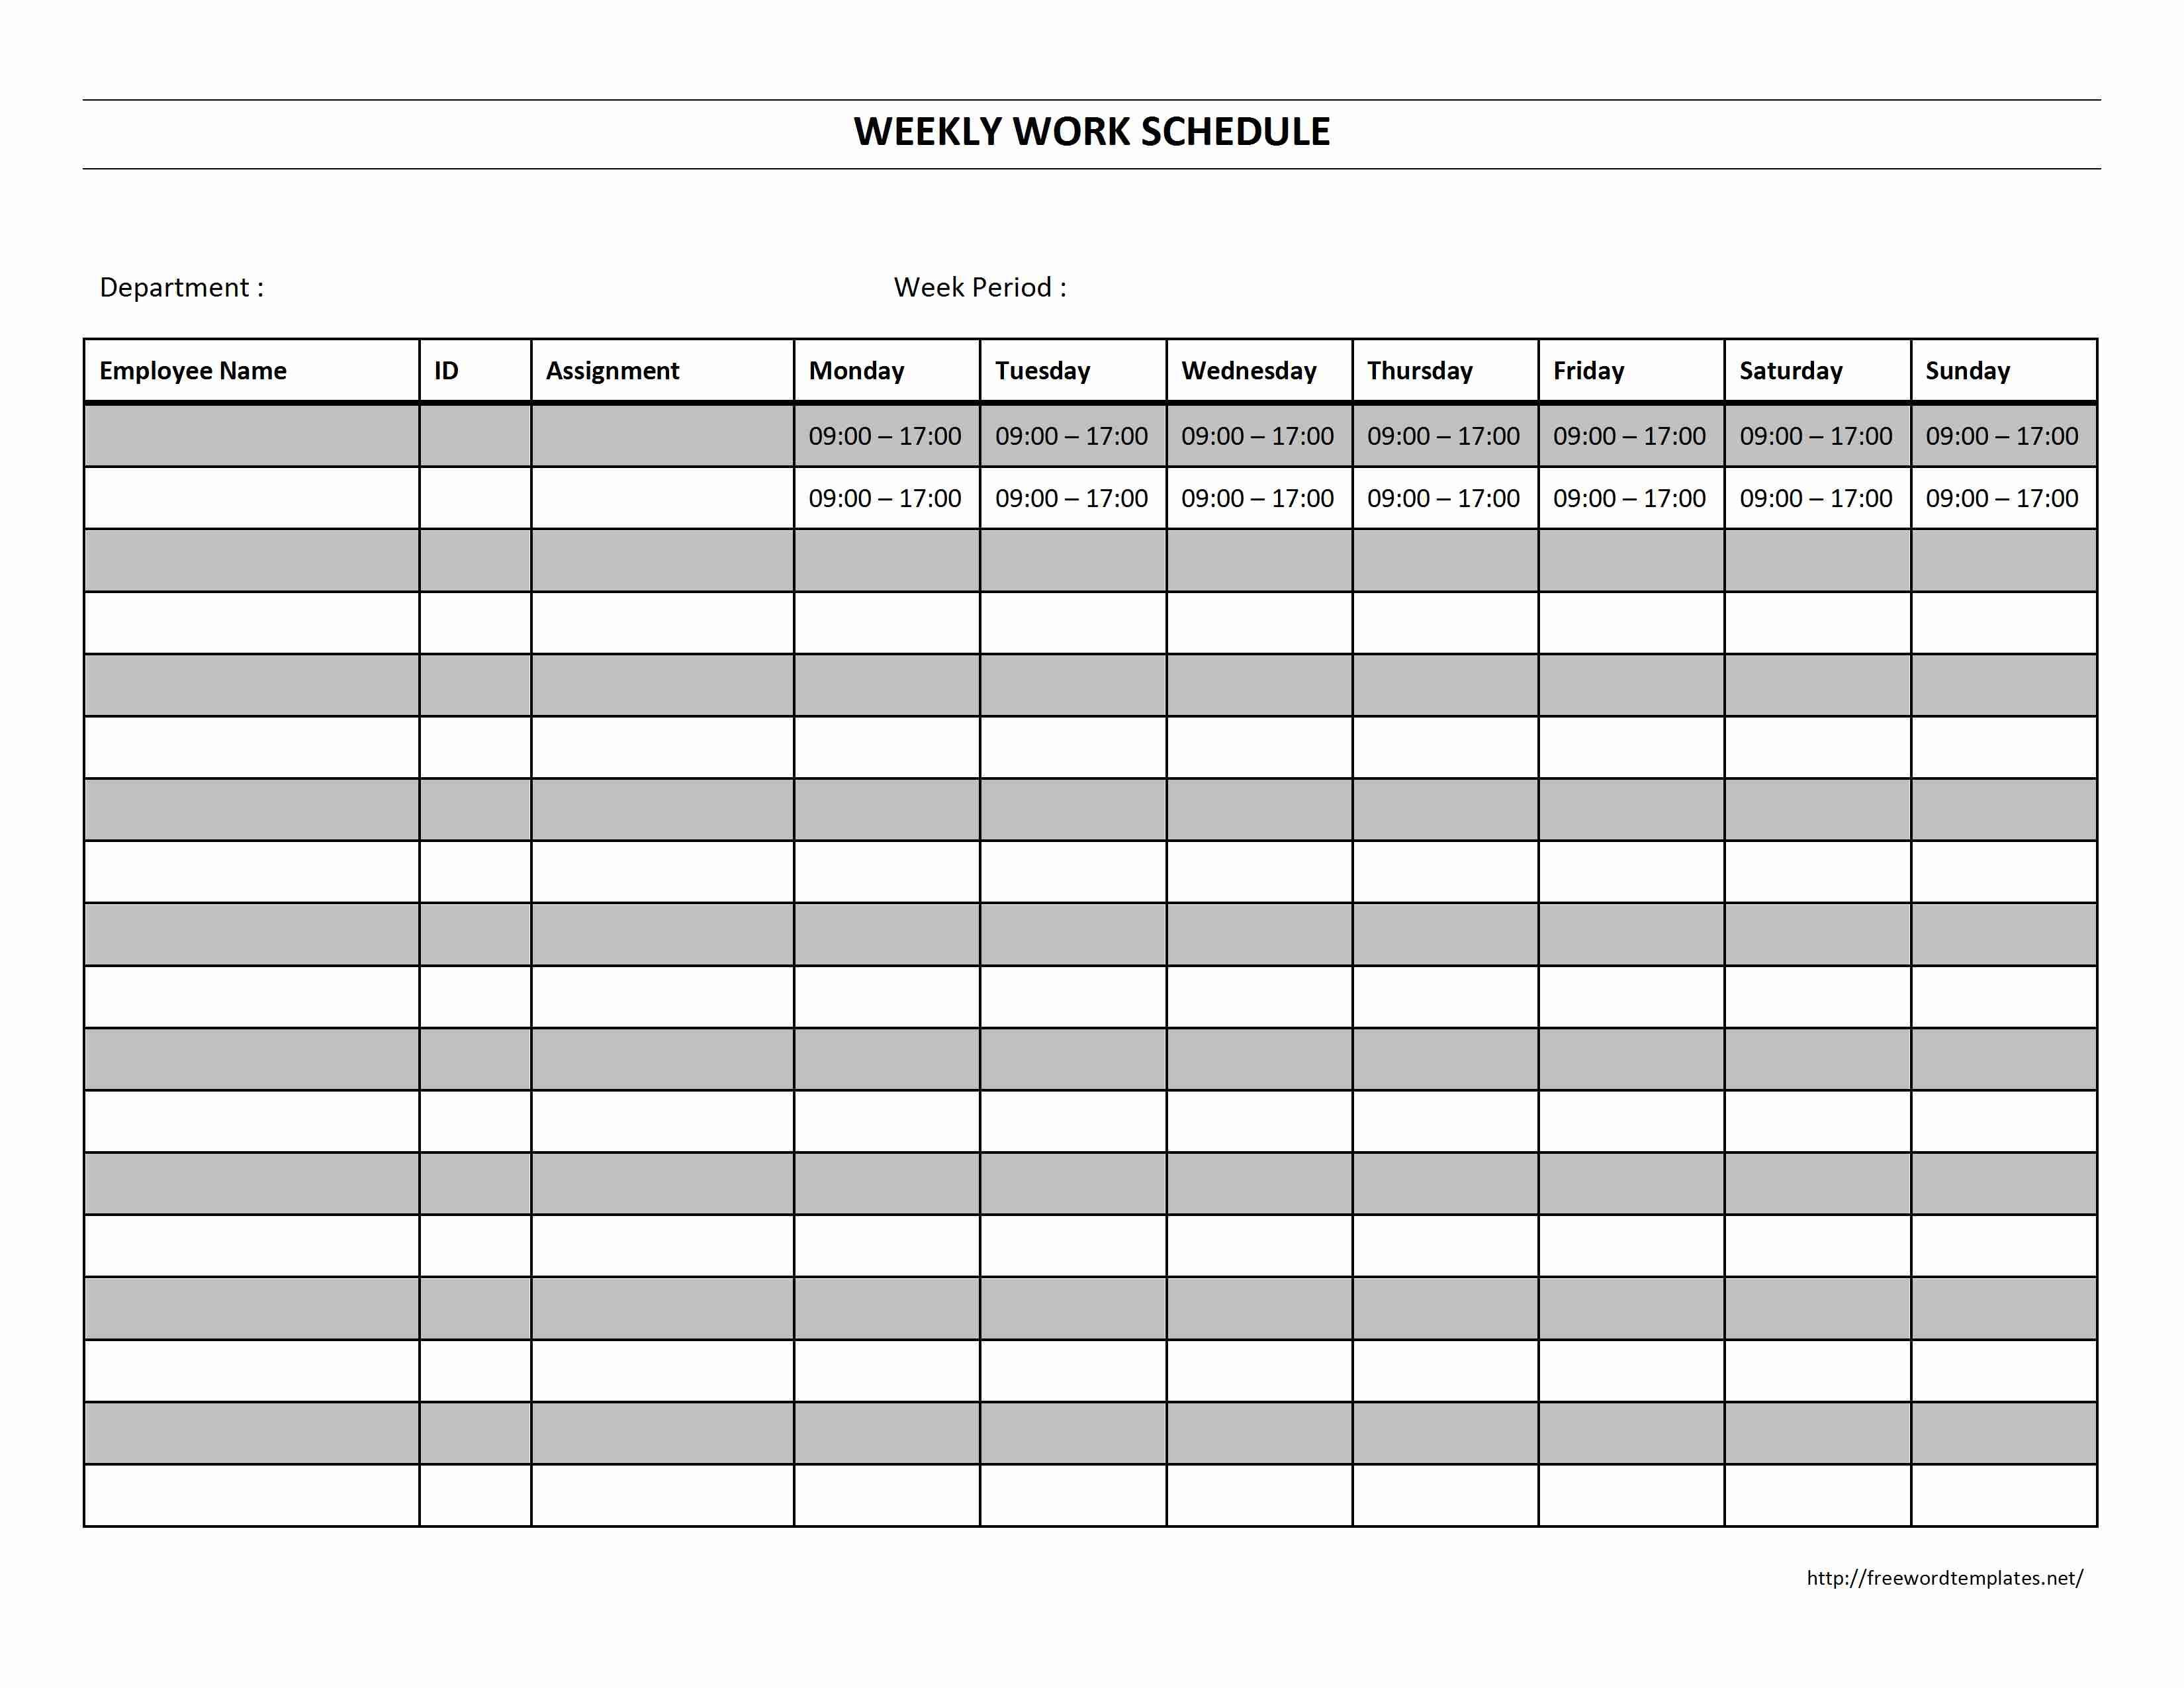 Weekly Work Schedule Template E Printable Employee Sample Plan Excel - Free Printable Weekly Work Schedule